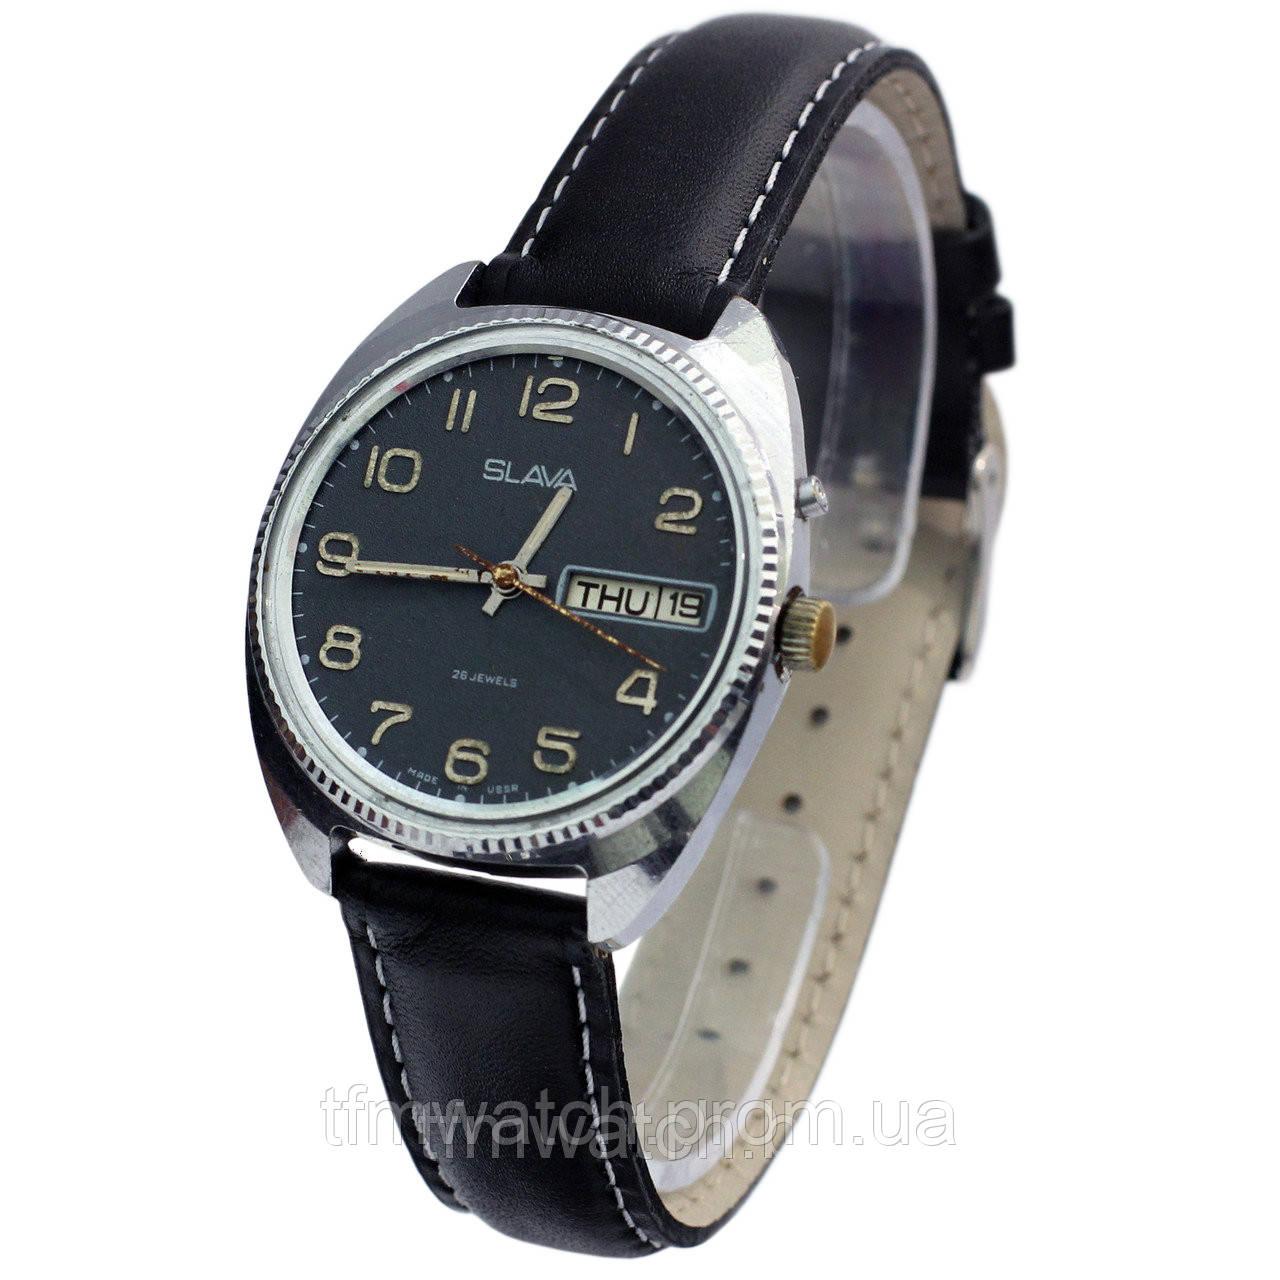 Наручные часы Слава 26 камней - Магазин старинных, винтажных и антикварных  часов TFMwatch в России 8668e06cf81